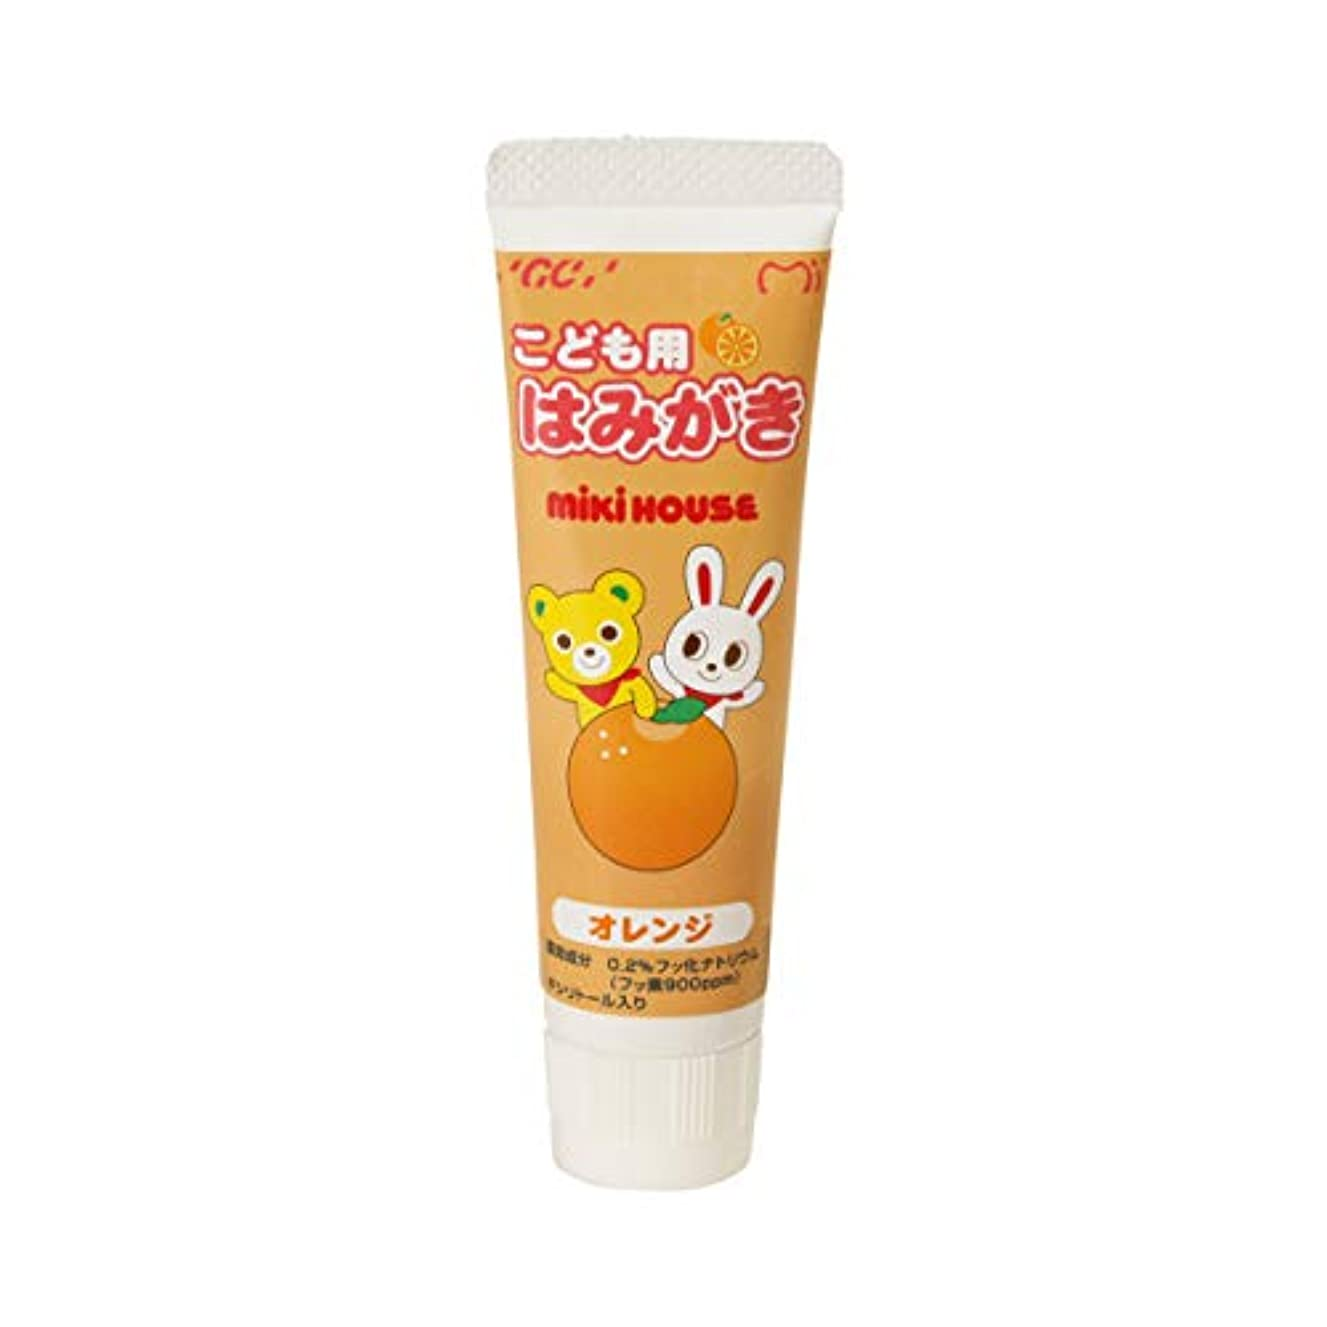 ロケットインテリア一握りミキハウス (MIKIHOUSE) 歯みがき 15-4065-676 - オレンジ